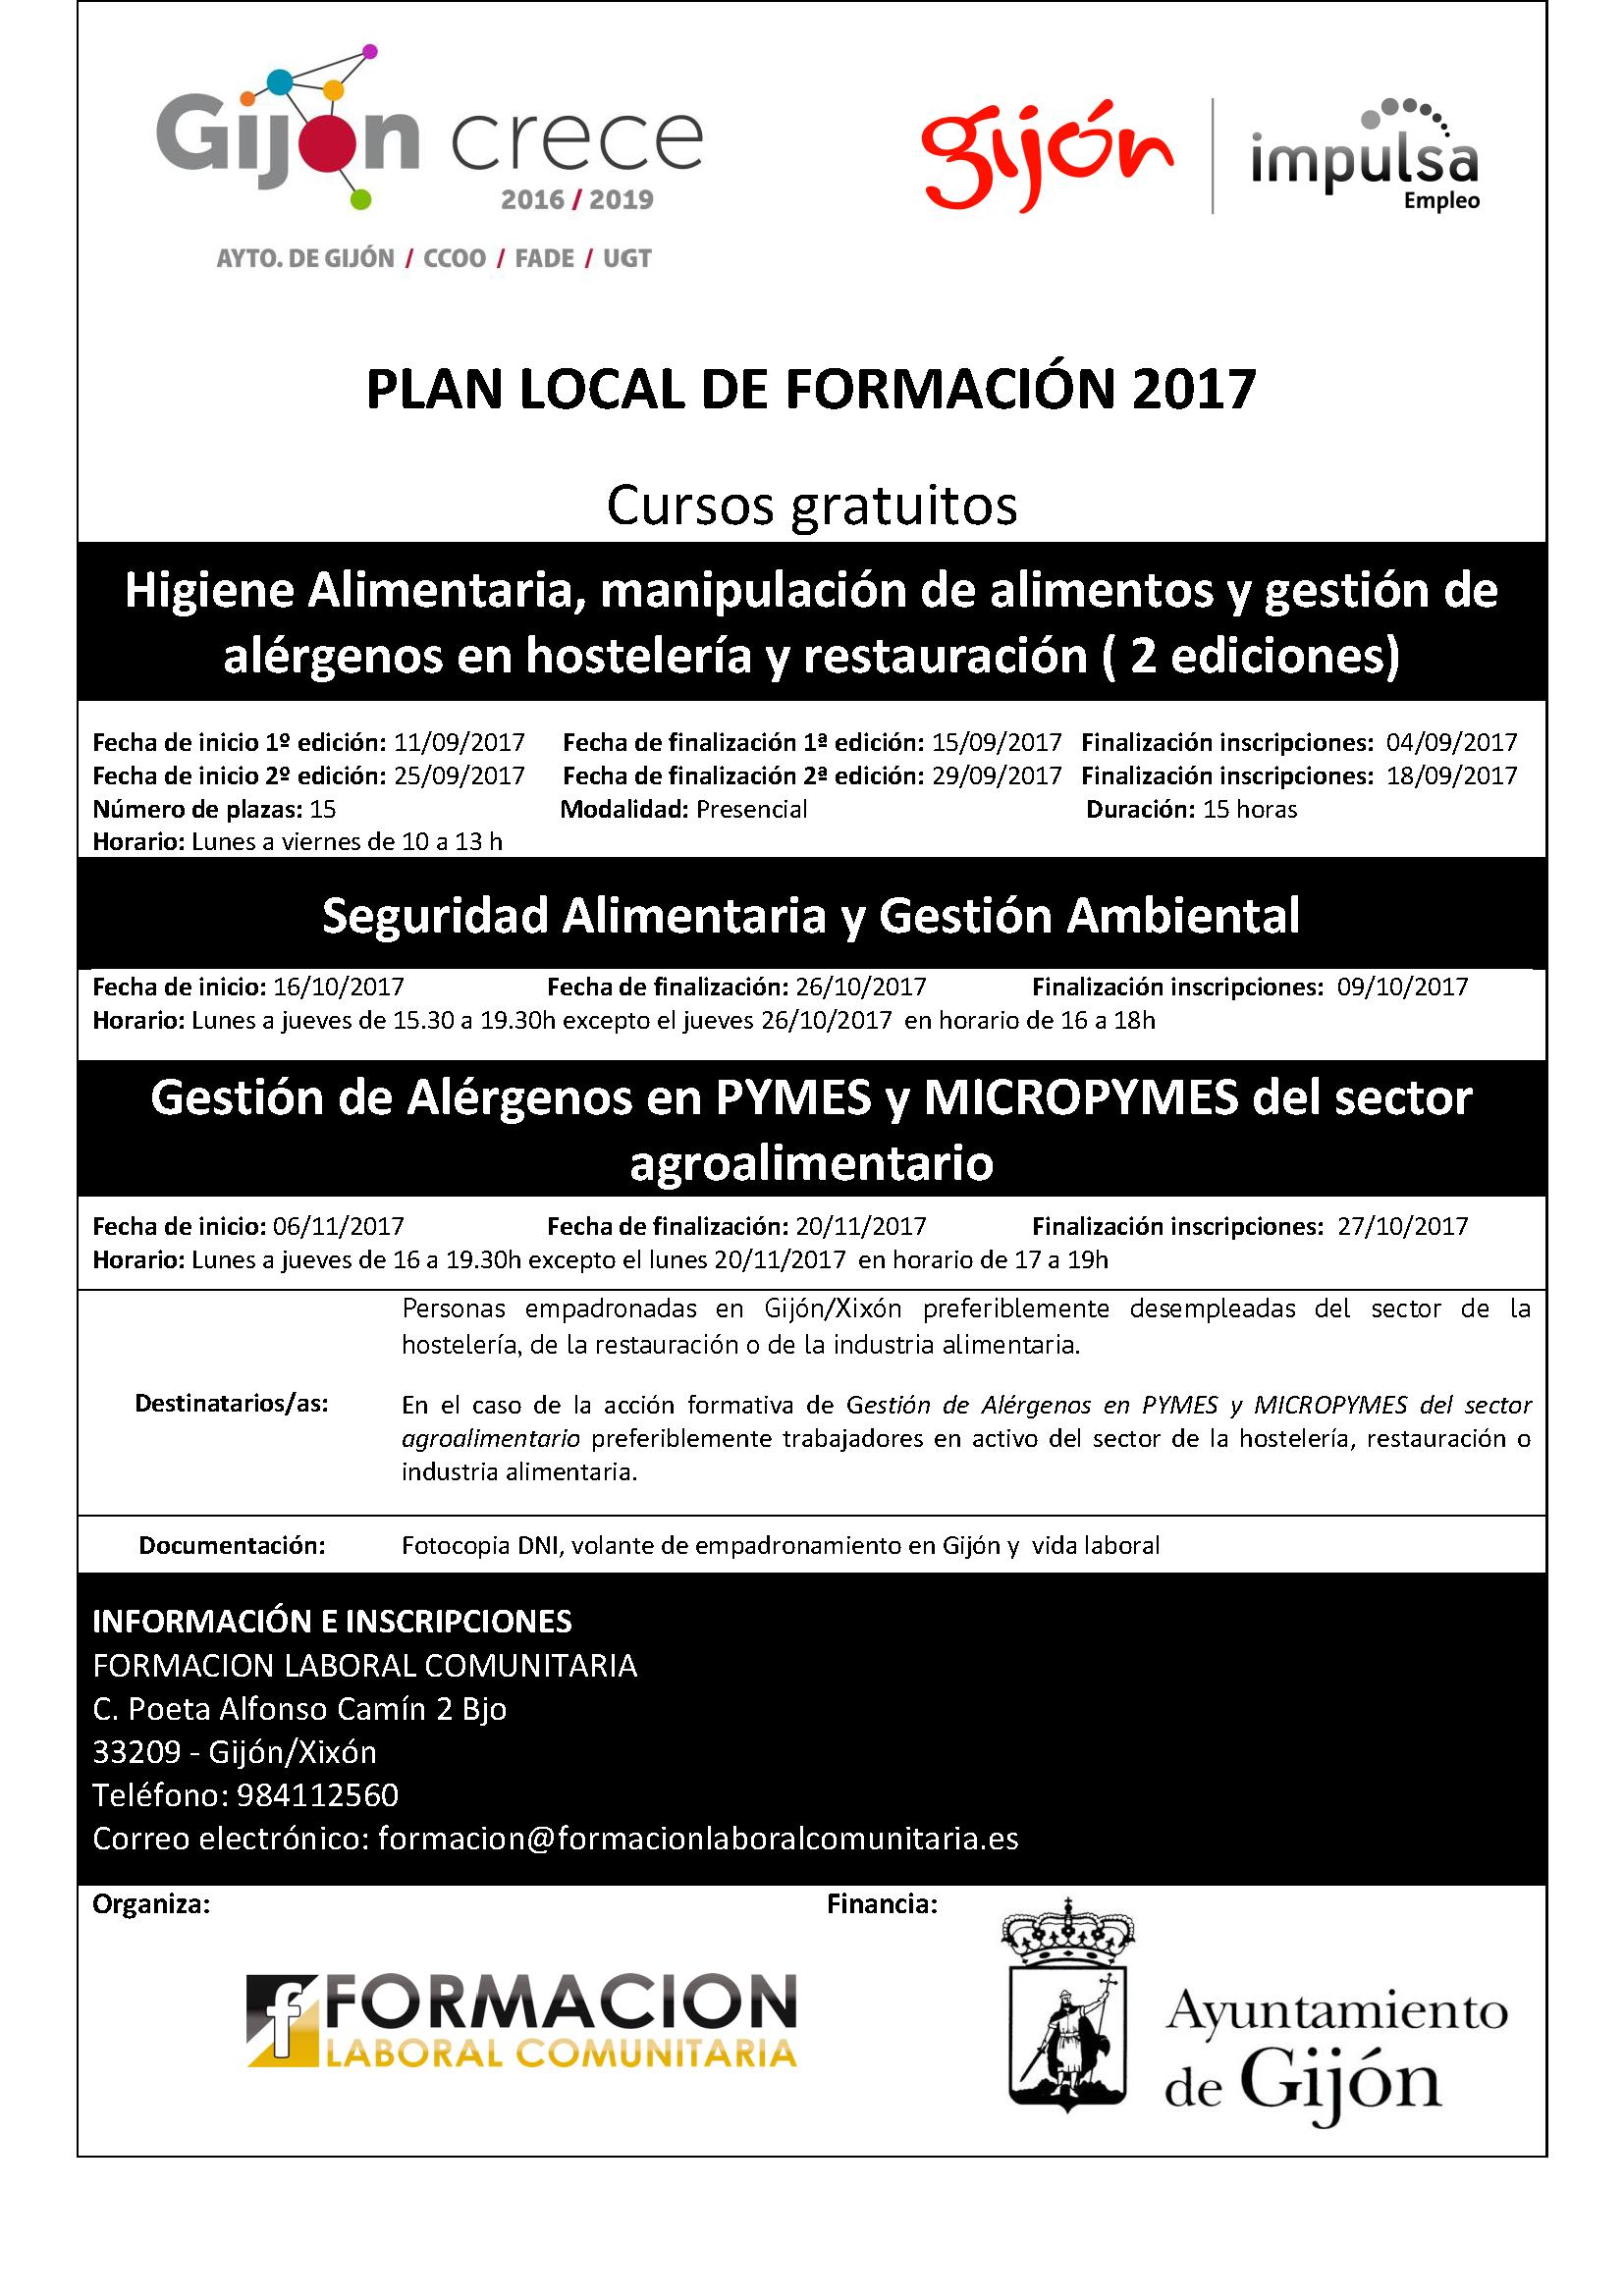 Plan local formación Gijón 2017